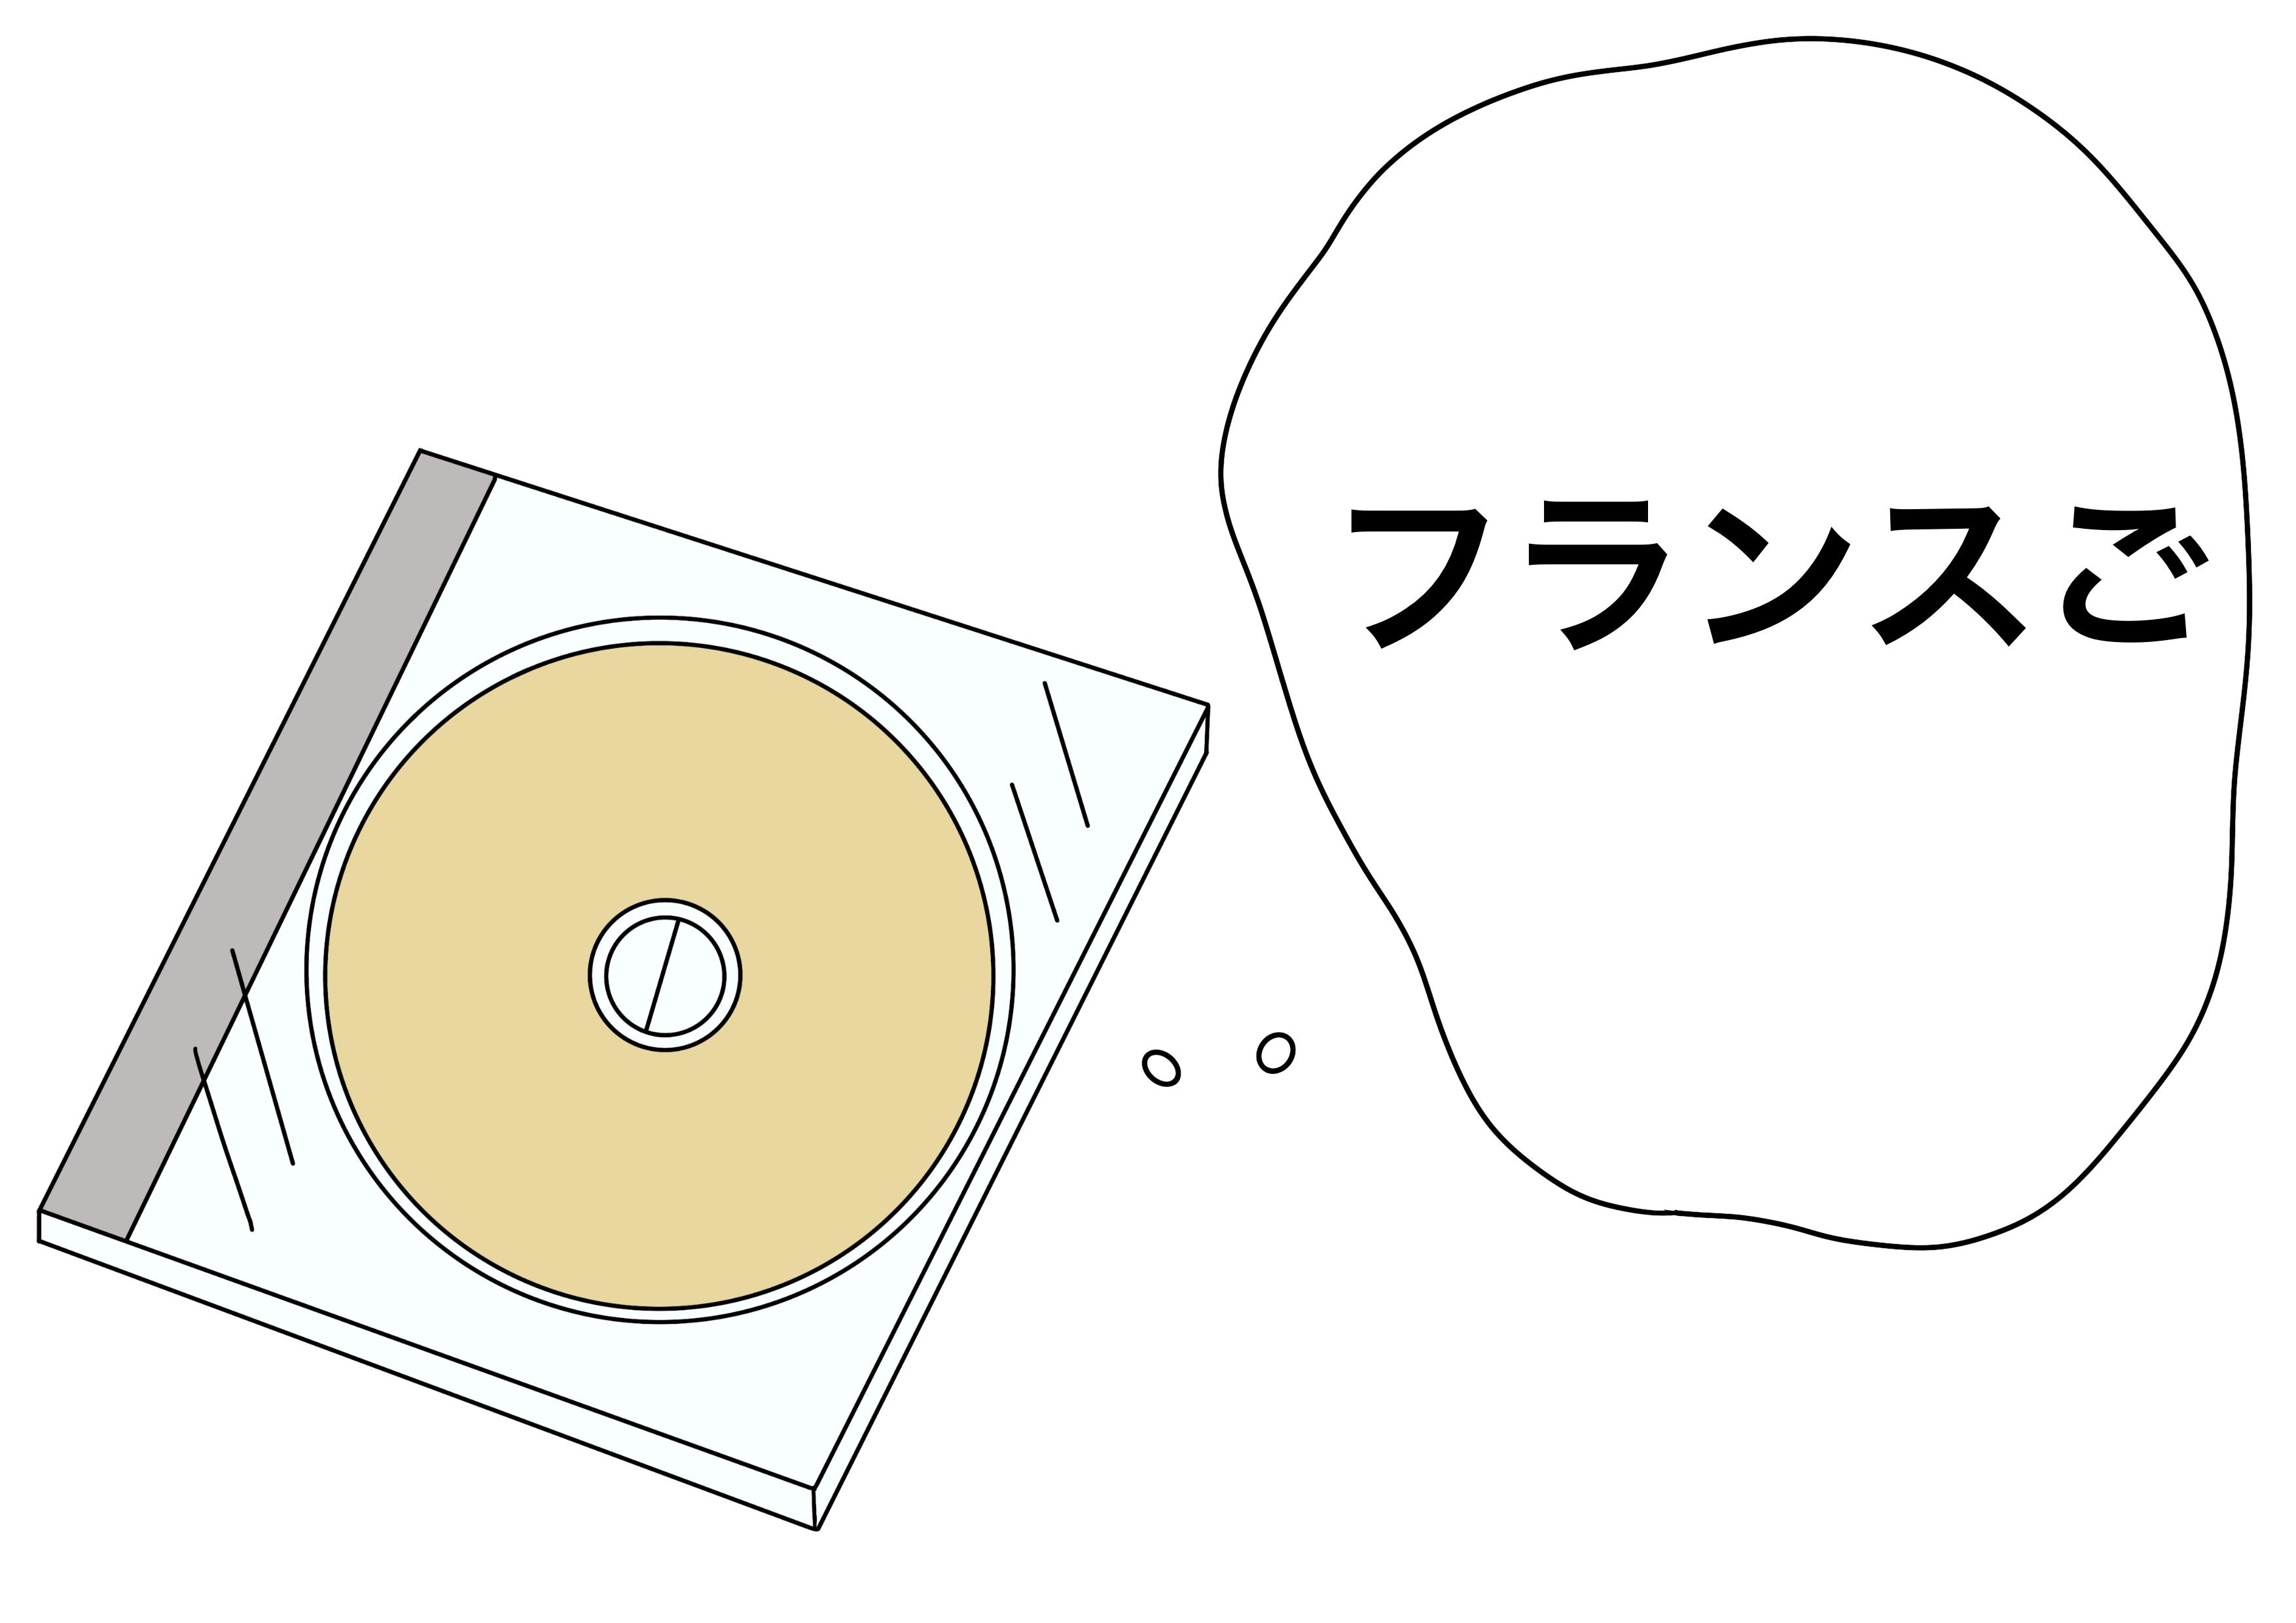 2課イラスト【フランス語のCD】